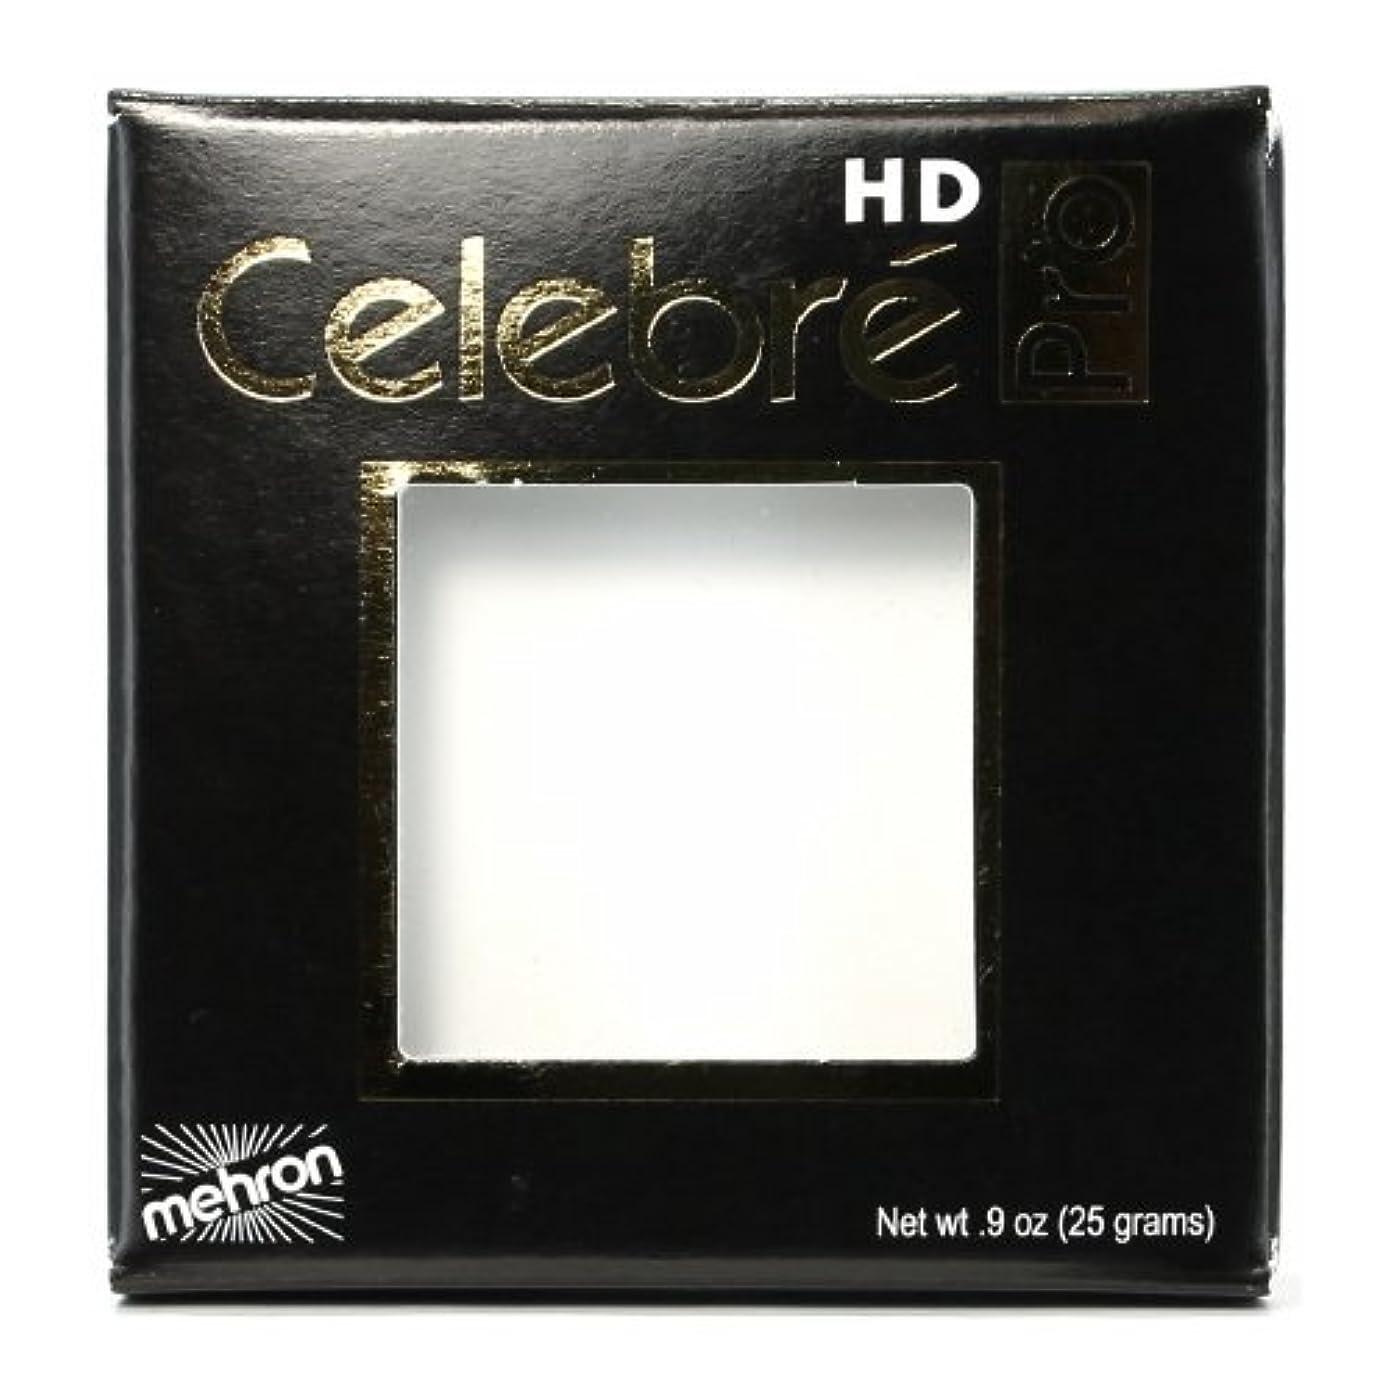 私たち対話女王(6 Pack) mehron Celebre Pro HD Make-Up - White (並行輸入品)